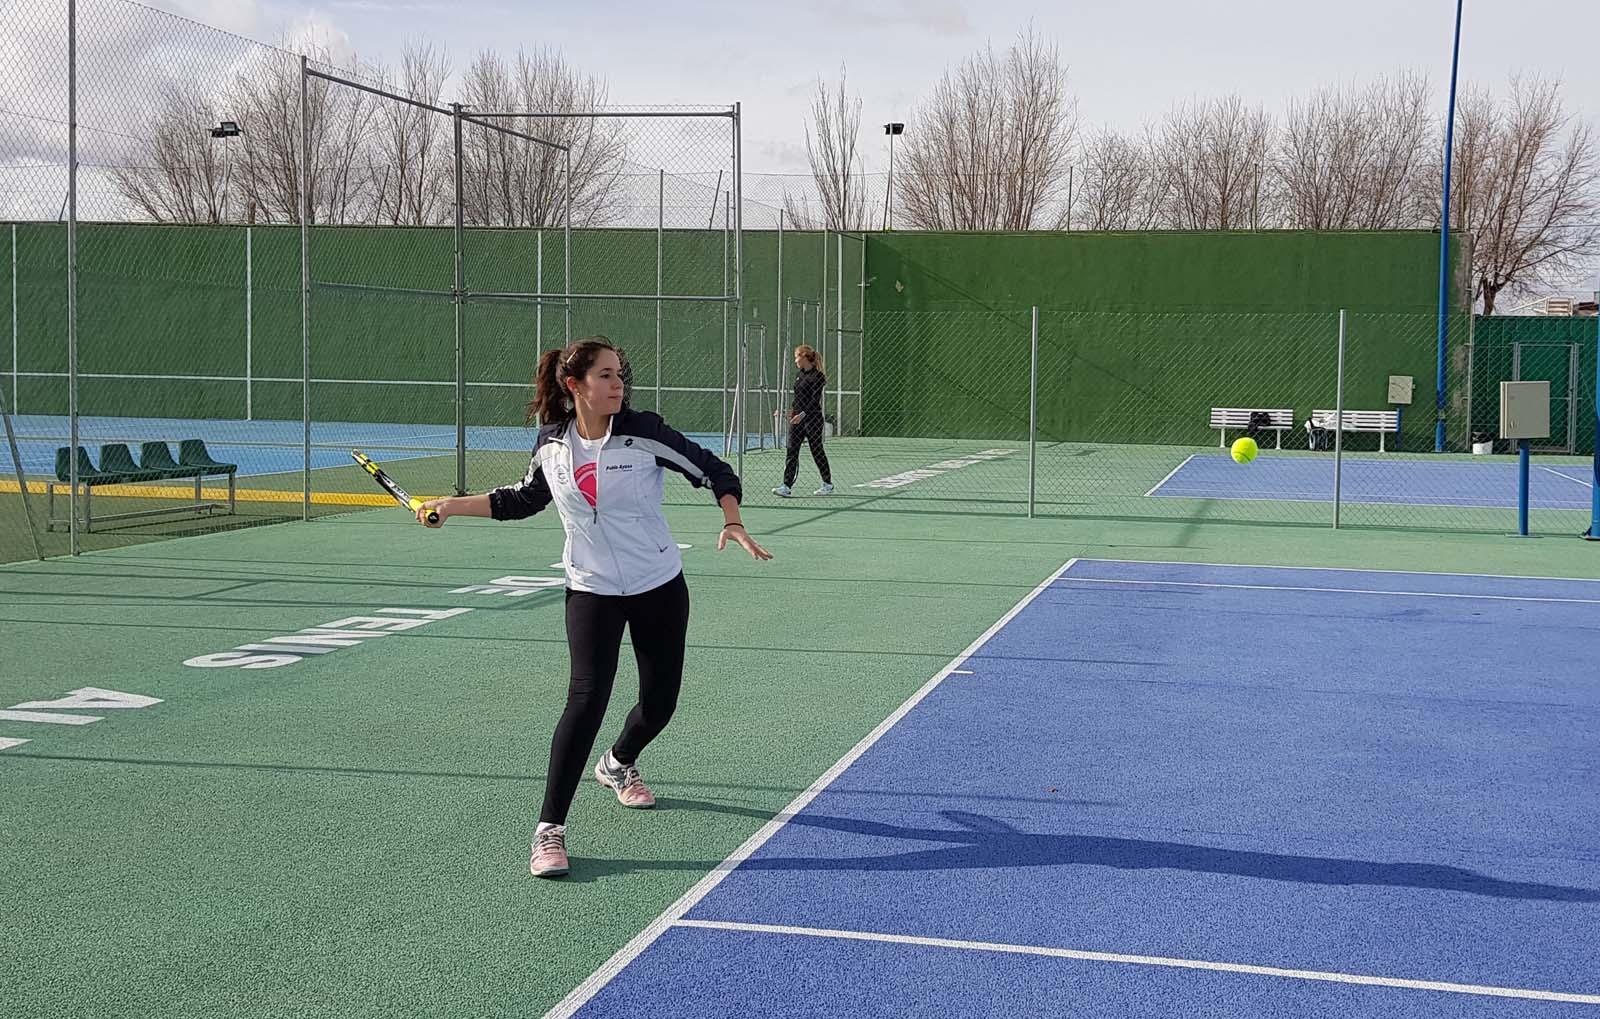 Imagen de un partido del Trofeo de Tenis El Corte Inglés 2017